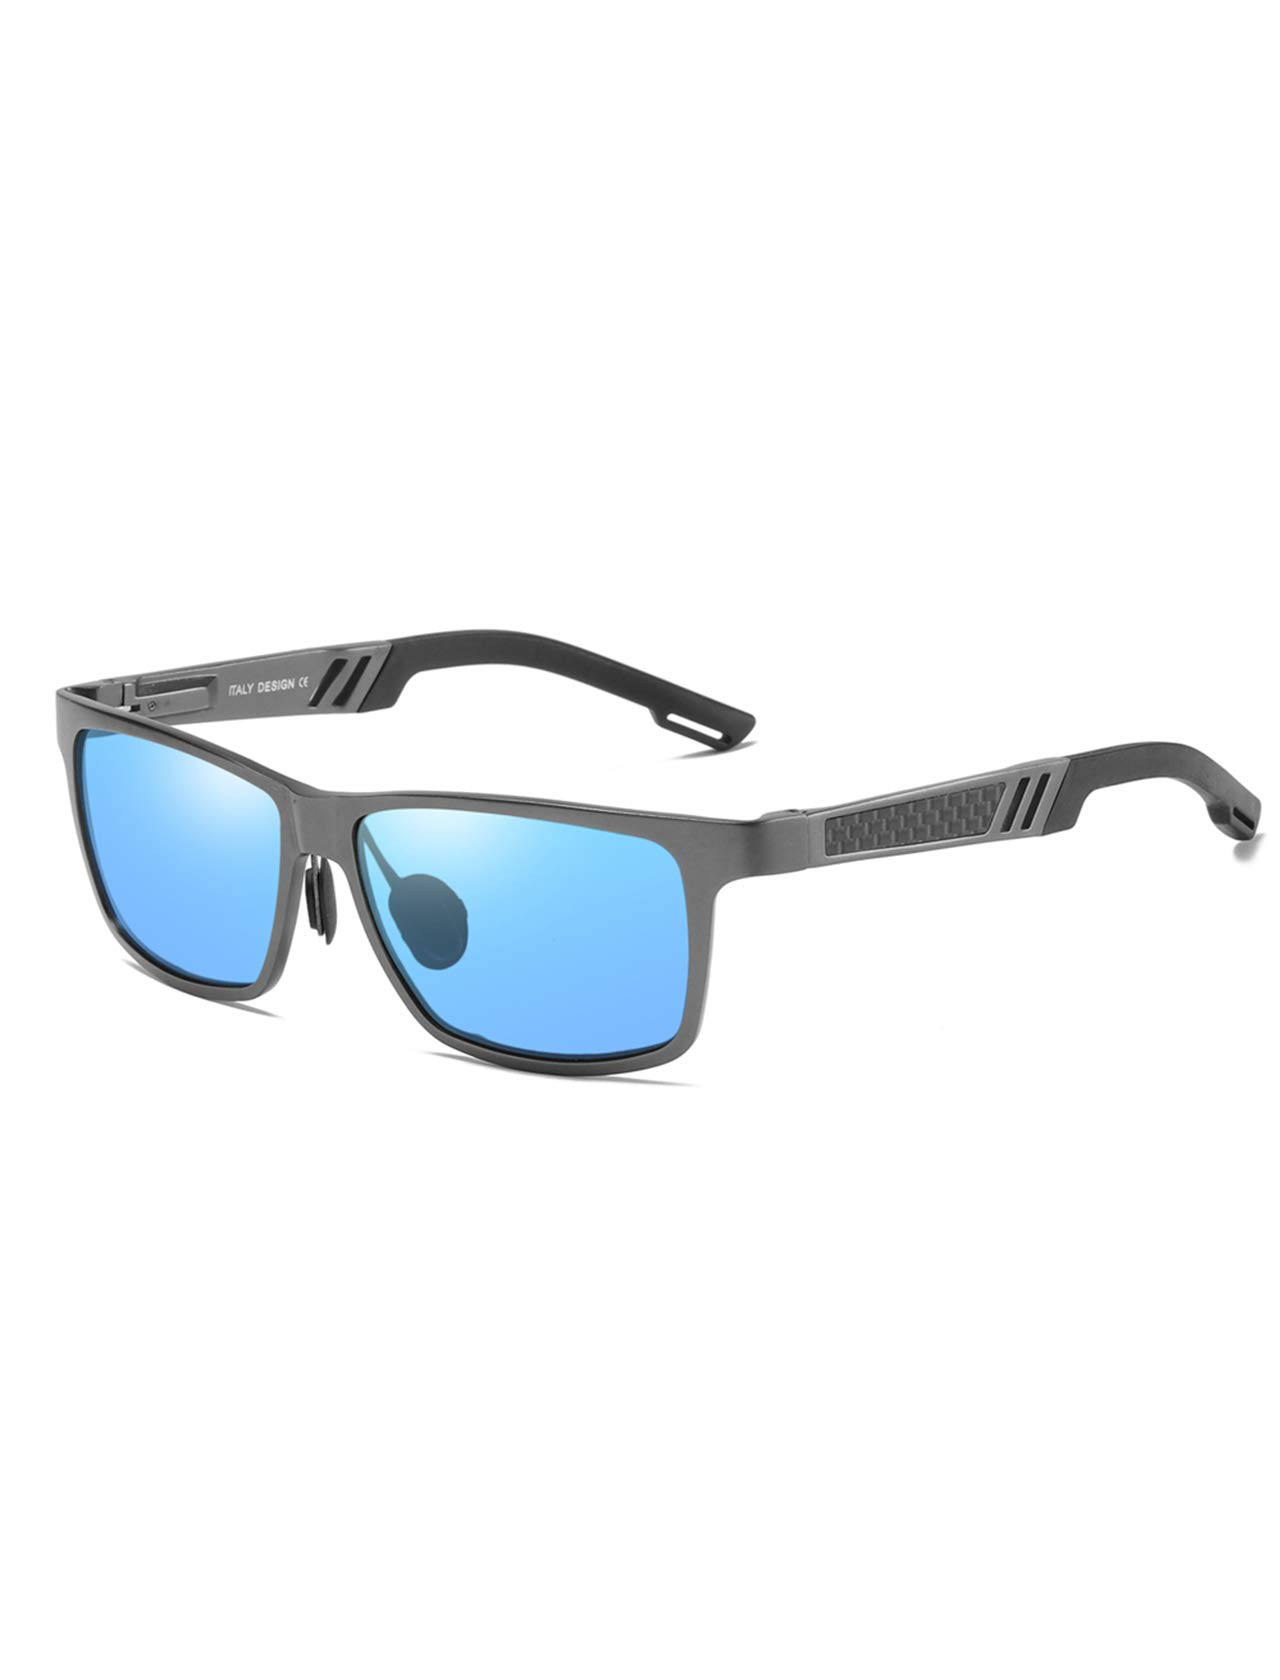 AMEXI Gafas de Sol en Madera, Gafas sol Hombre Mujere polarizadas, UV400 Protection